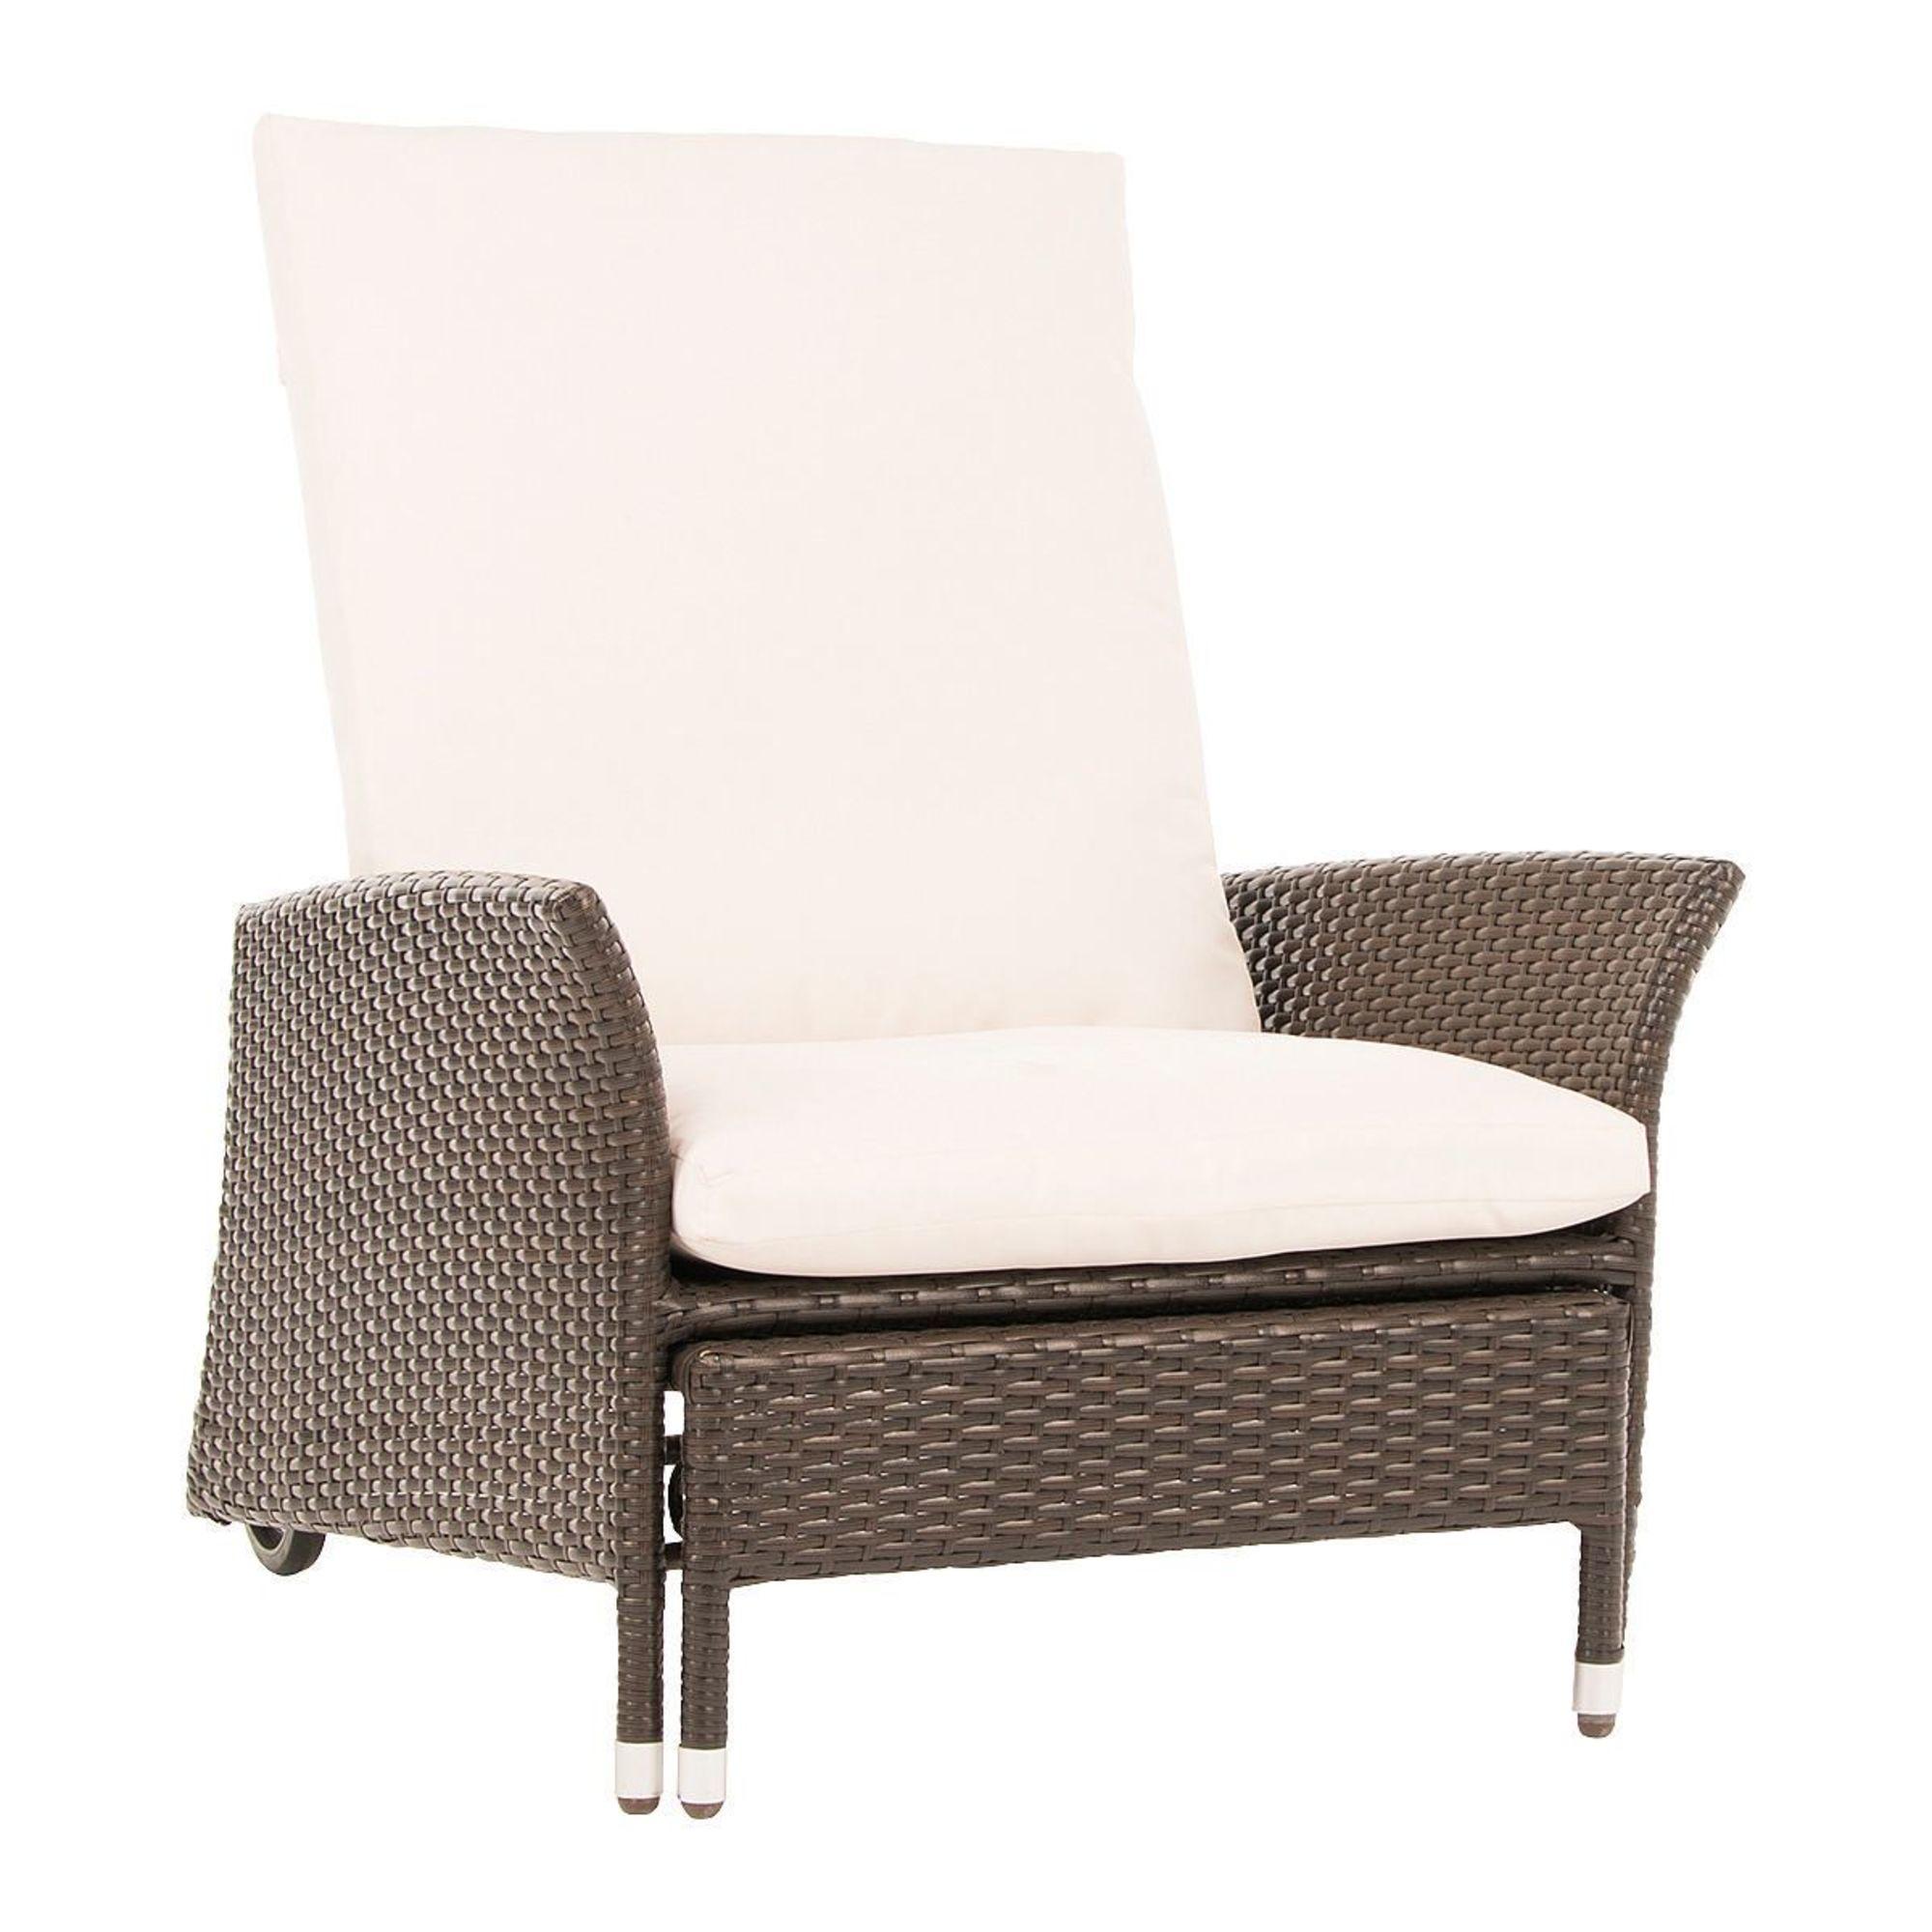 Cool Gartenstuhl Komfort, 5-fach verstellbare Rückenlehne, Kunstrattan QL24